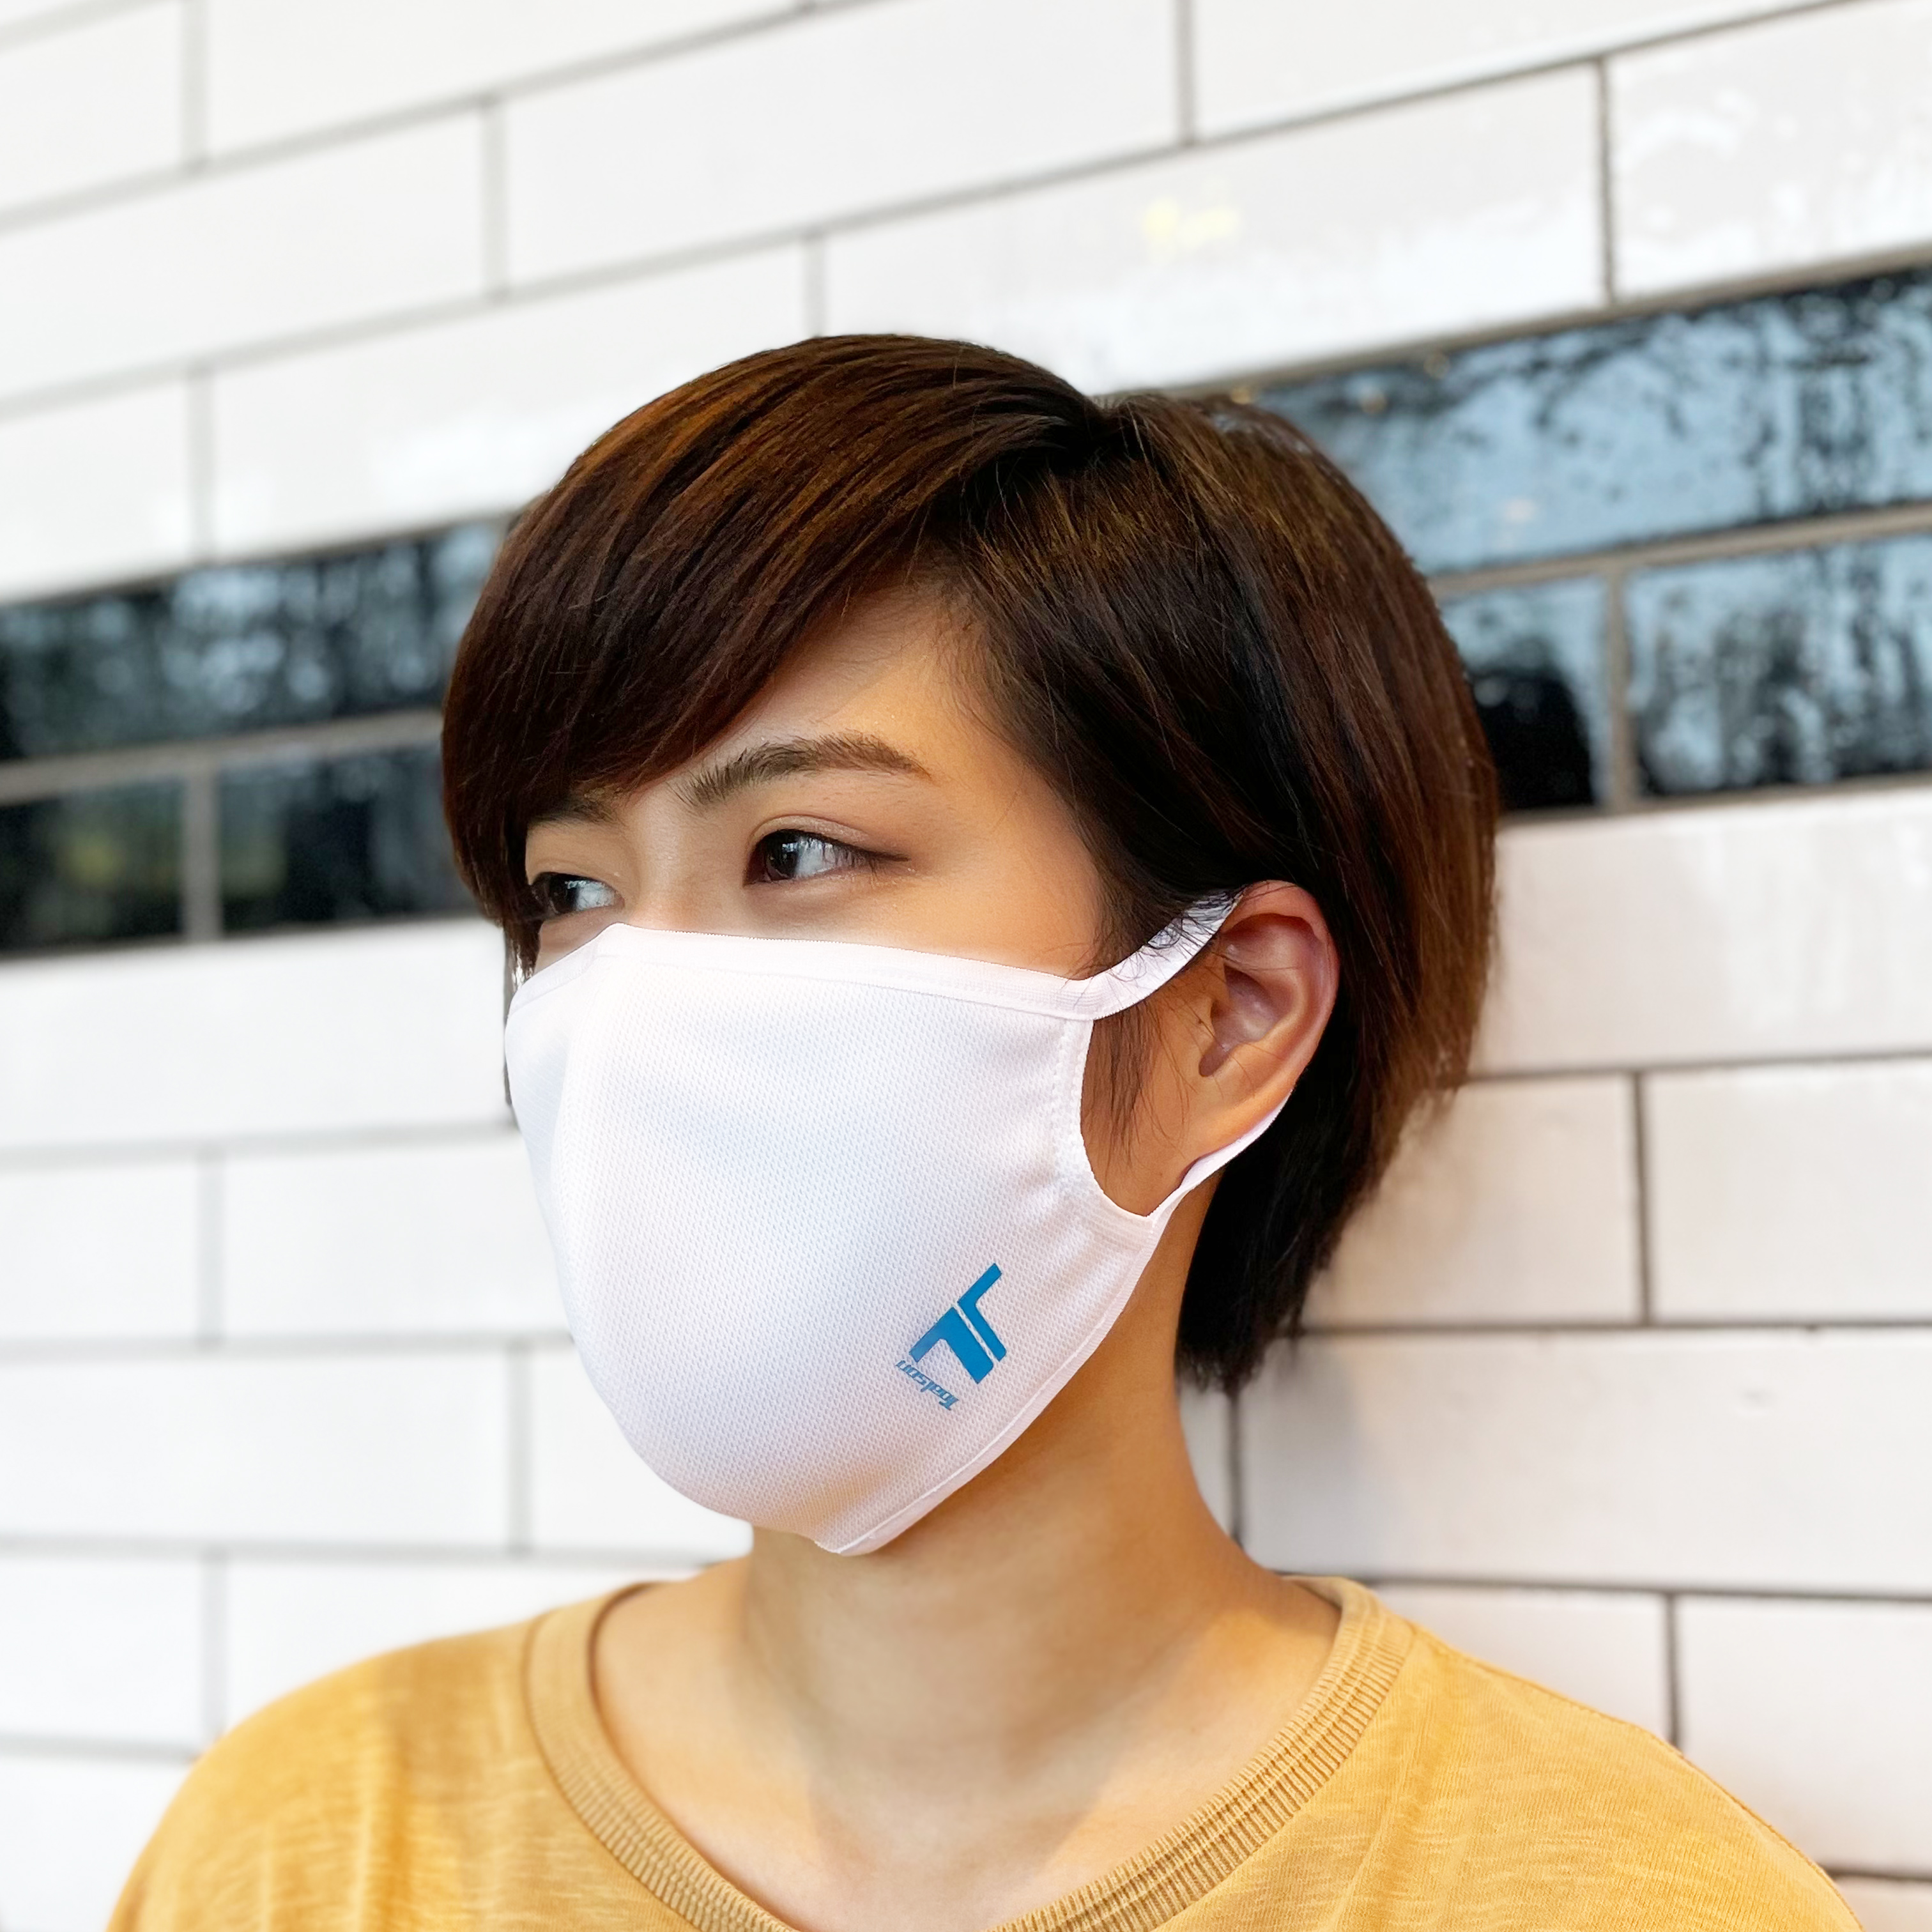 7月15日発売!NEWマスク登場!MULTI COOL MASK(マルチクールマスク)!